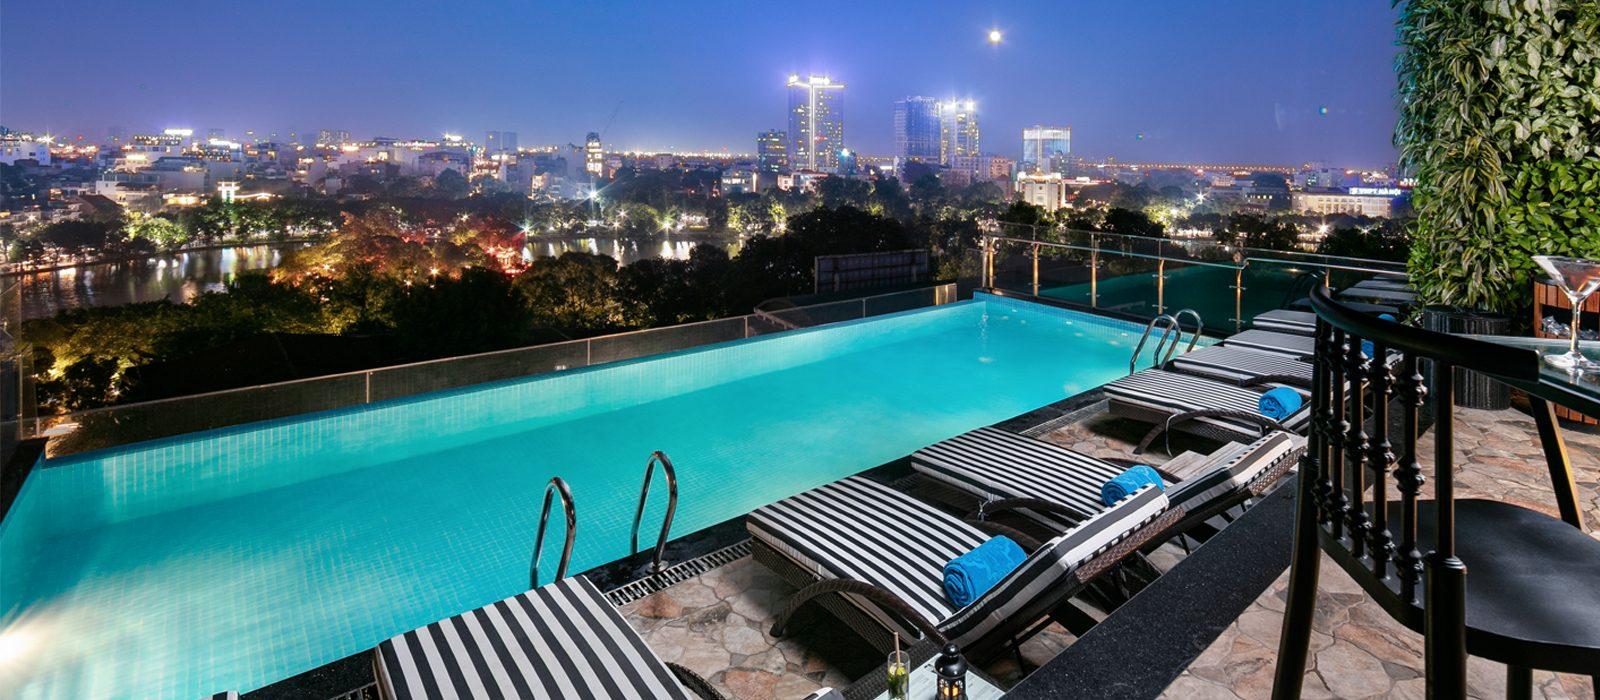 Luxury Vietnam Holiday Packages The Oriental Jade Hotel Header